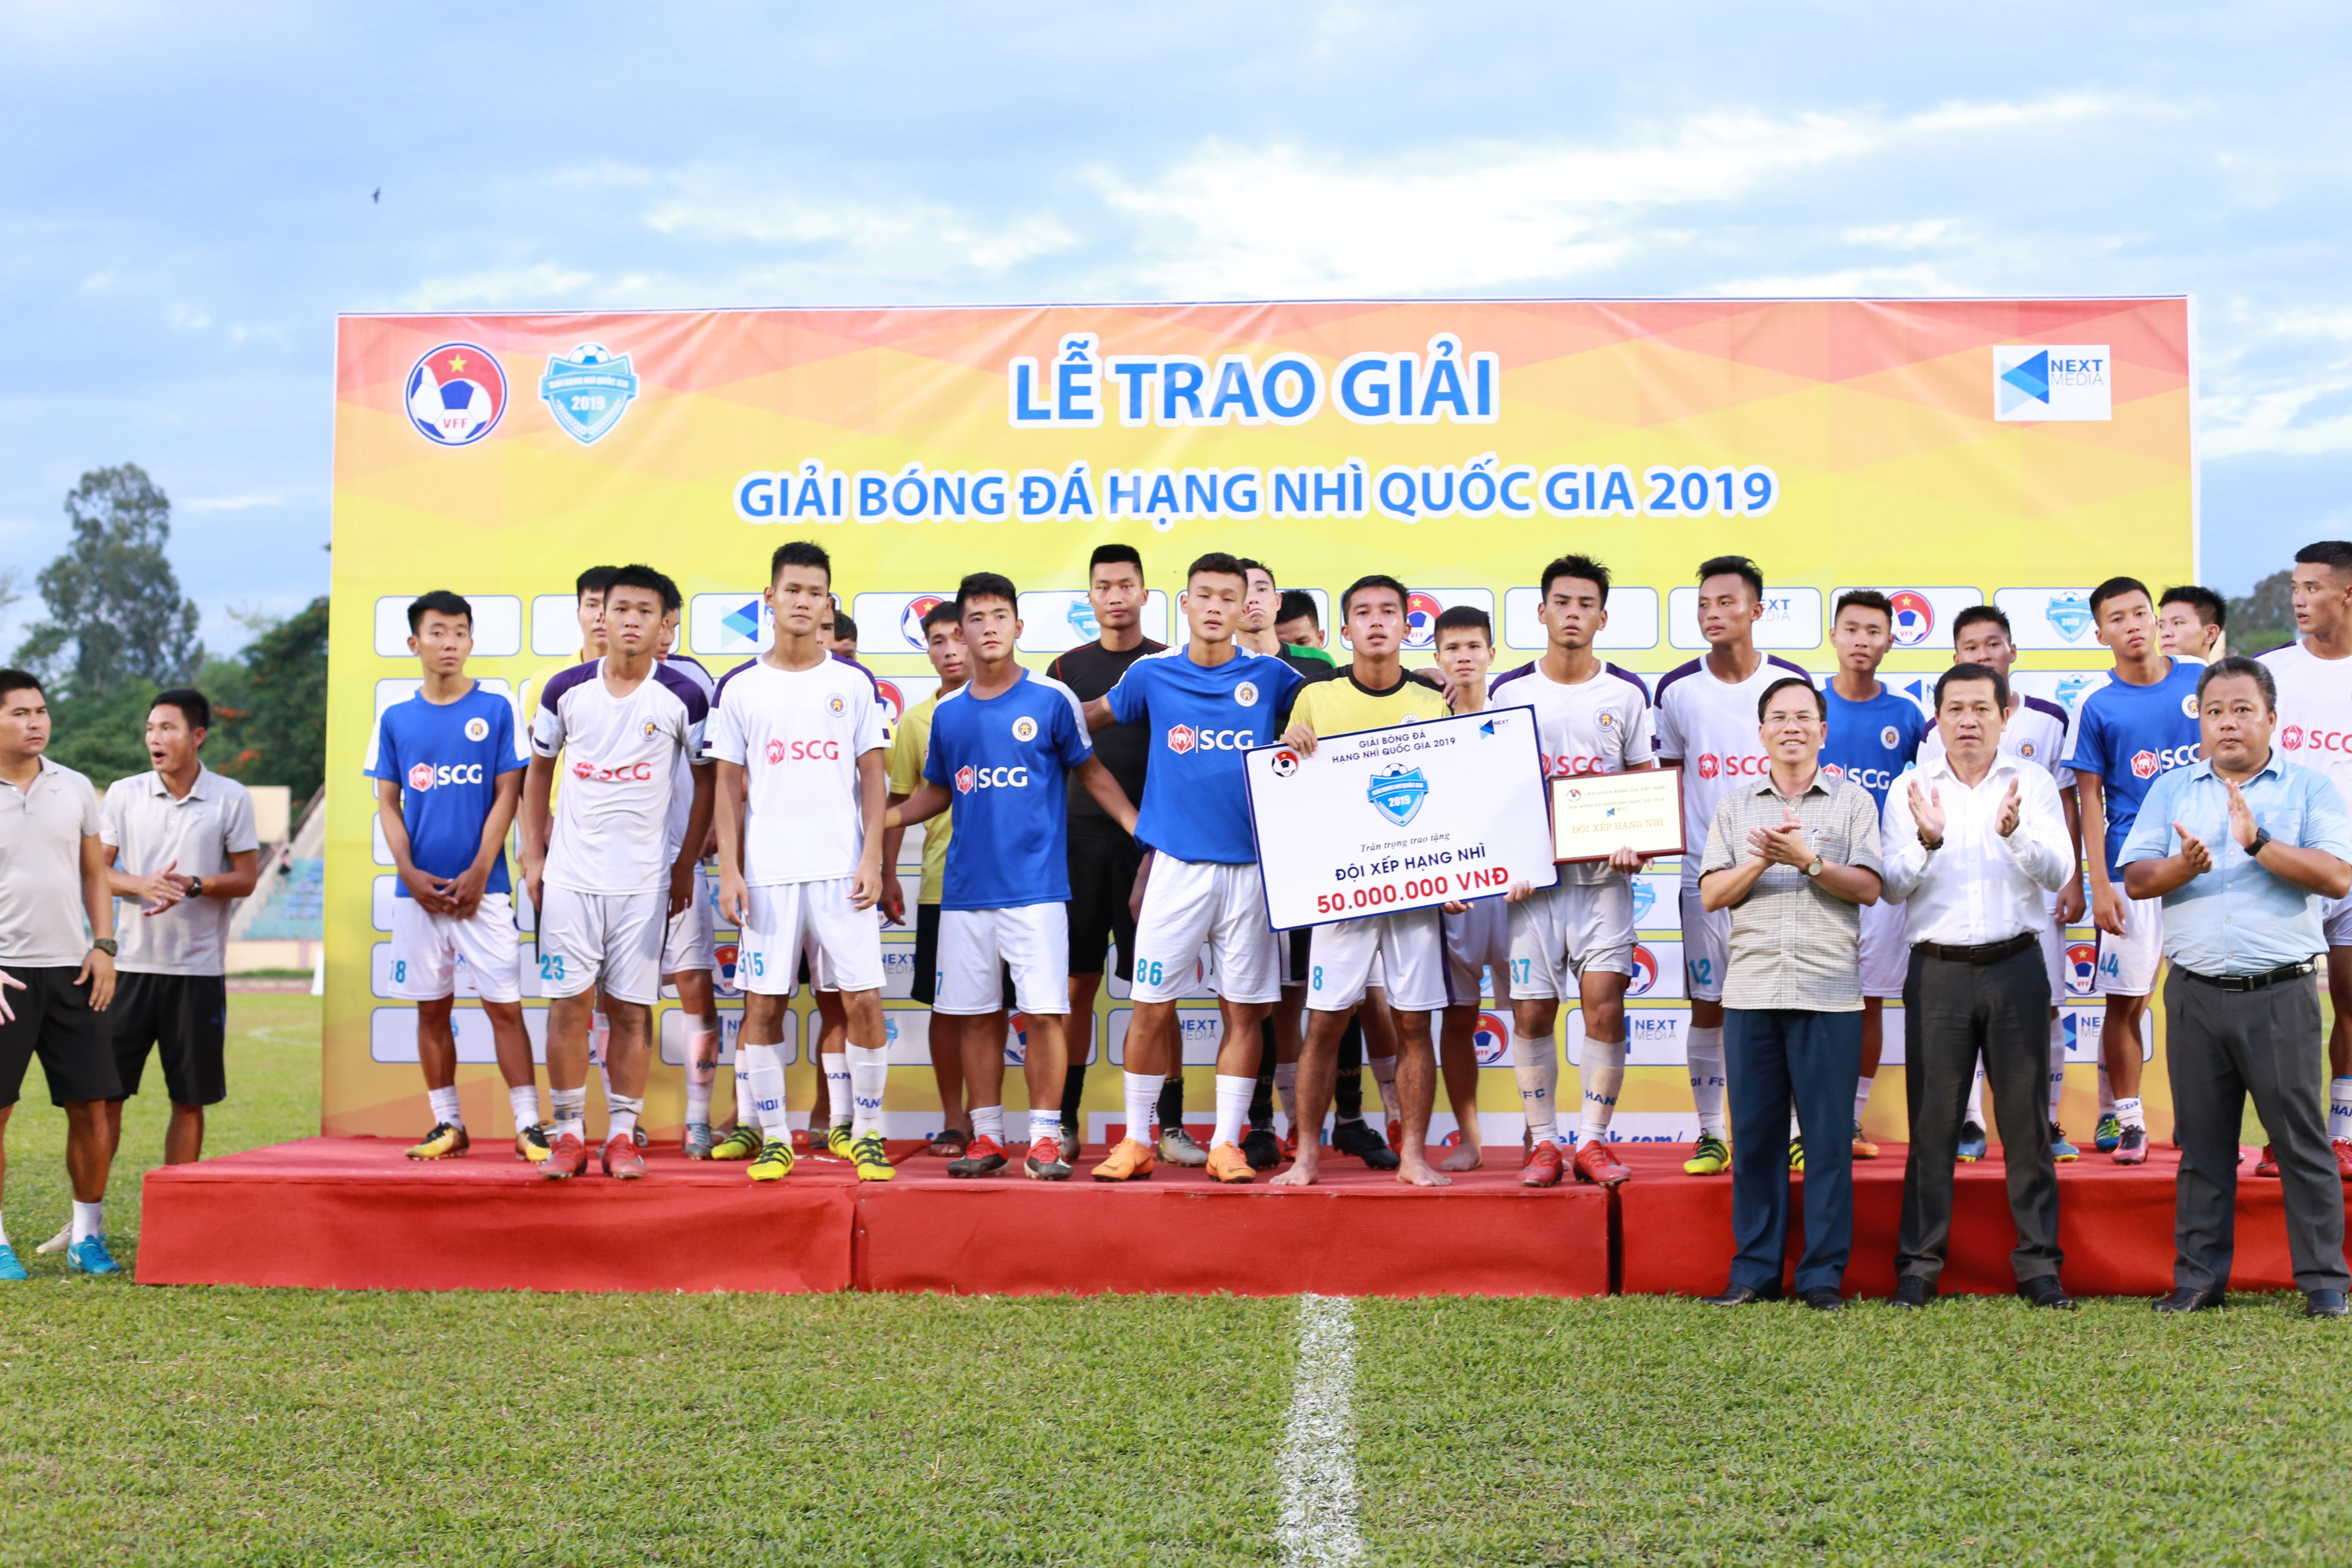 Bà Rịa Vũng Tàu lên chơi hạng nhất mùa giải 2020 - Bóng Đá